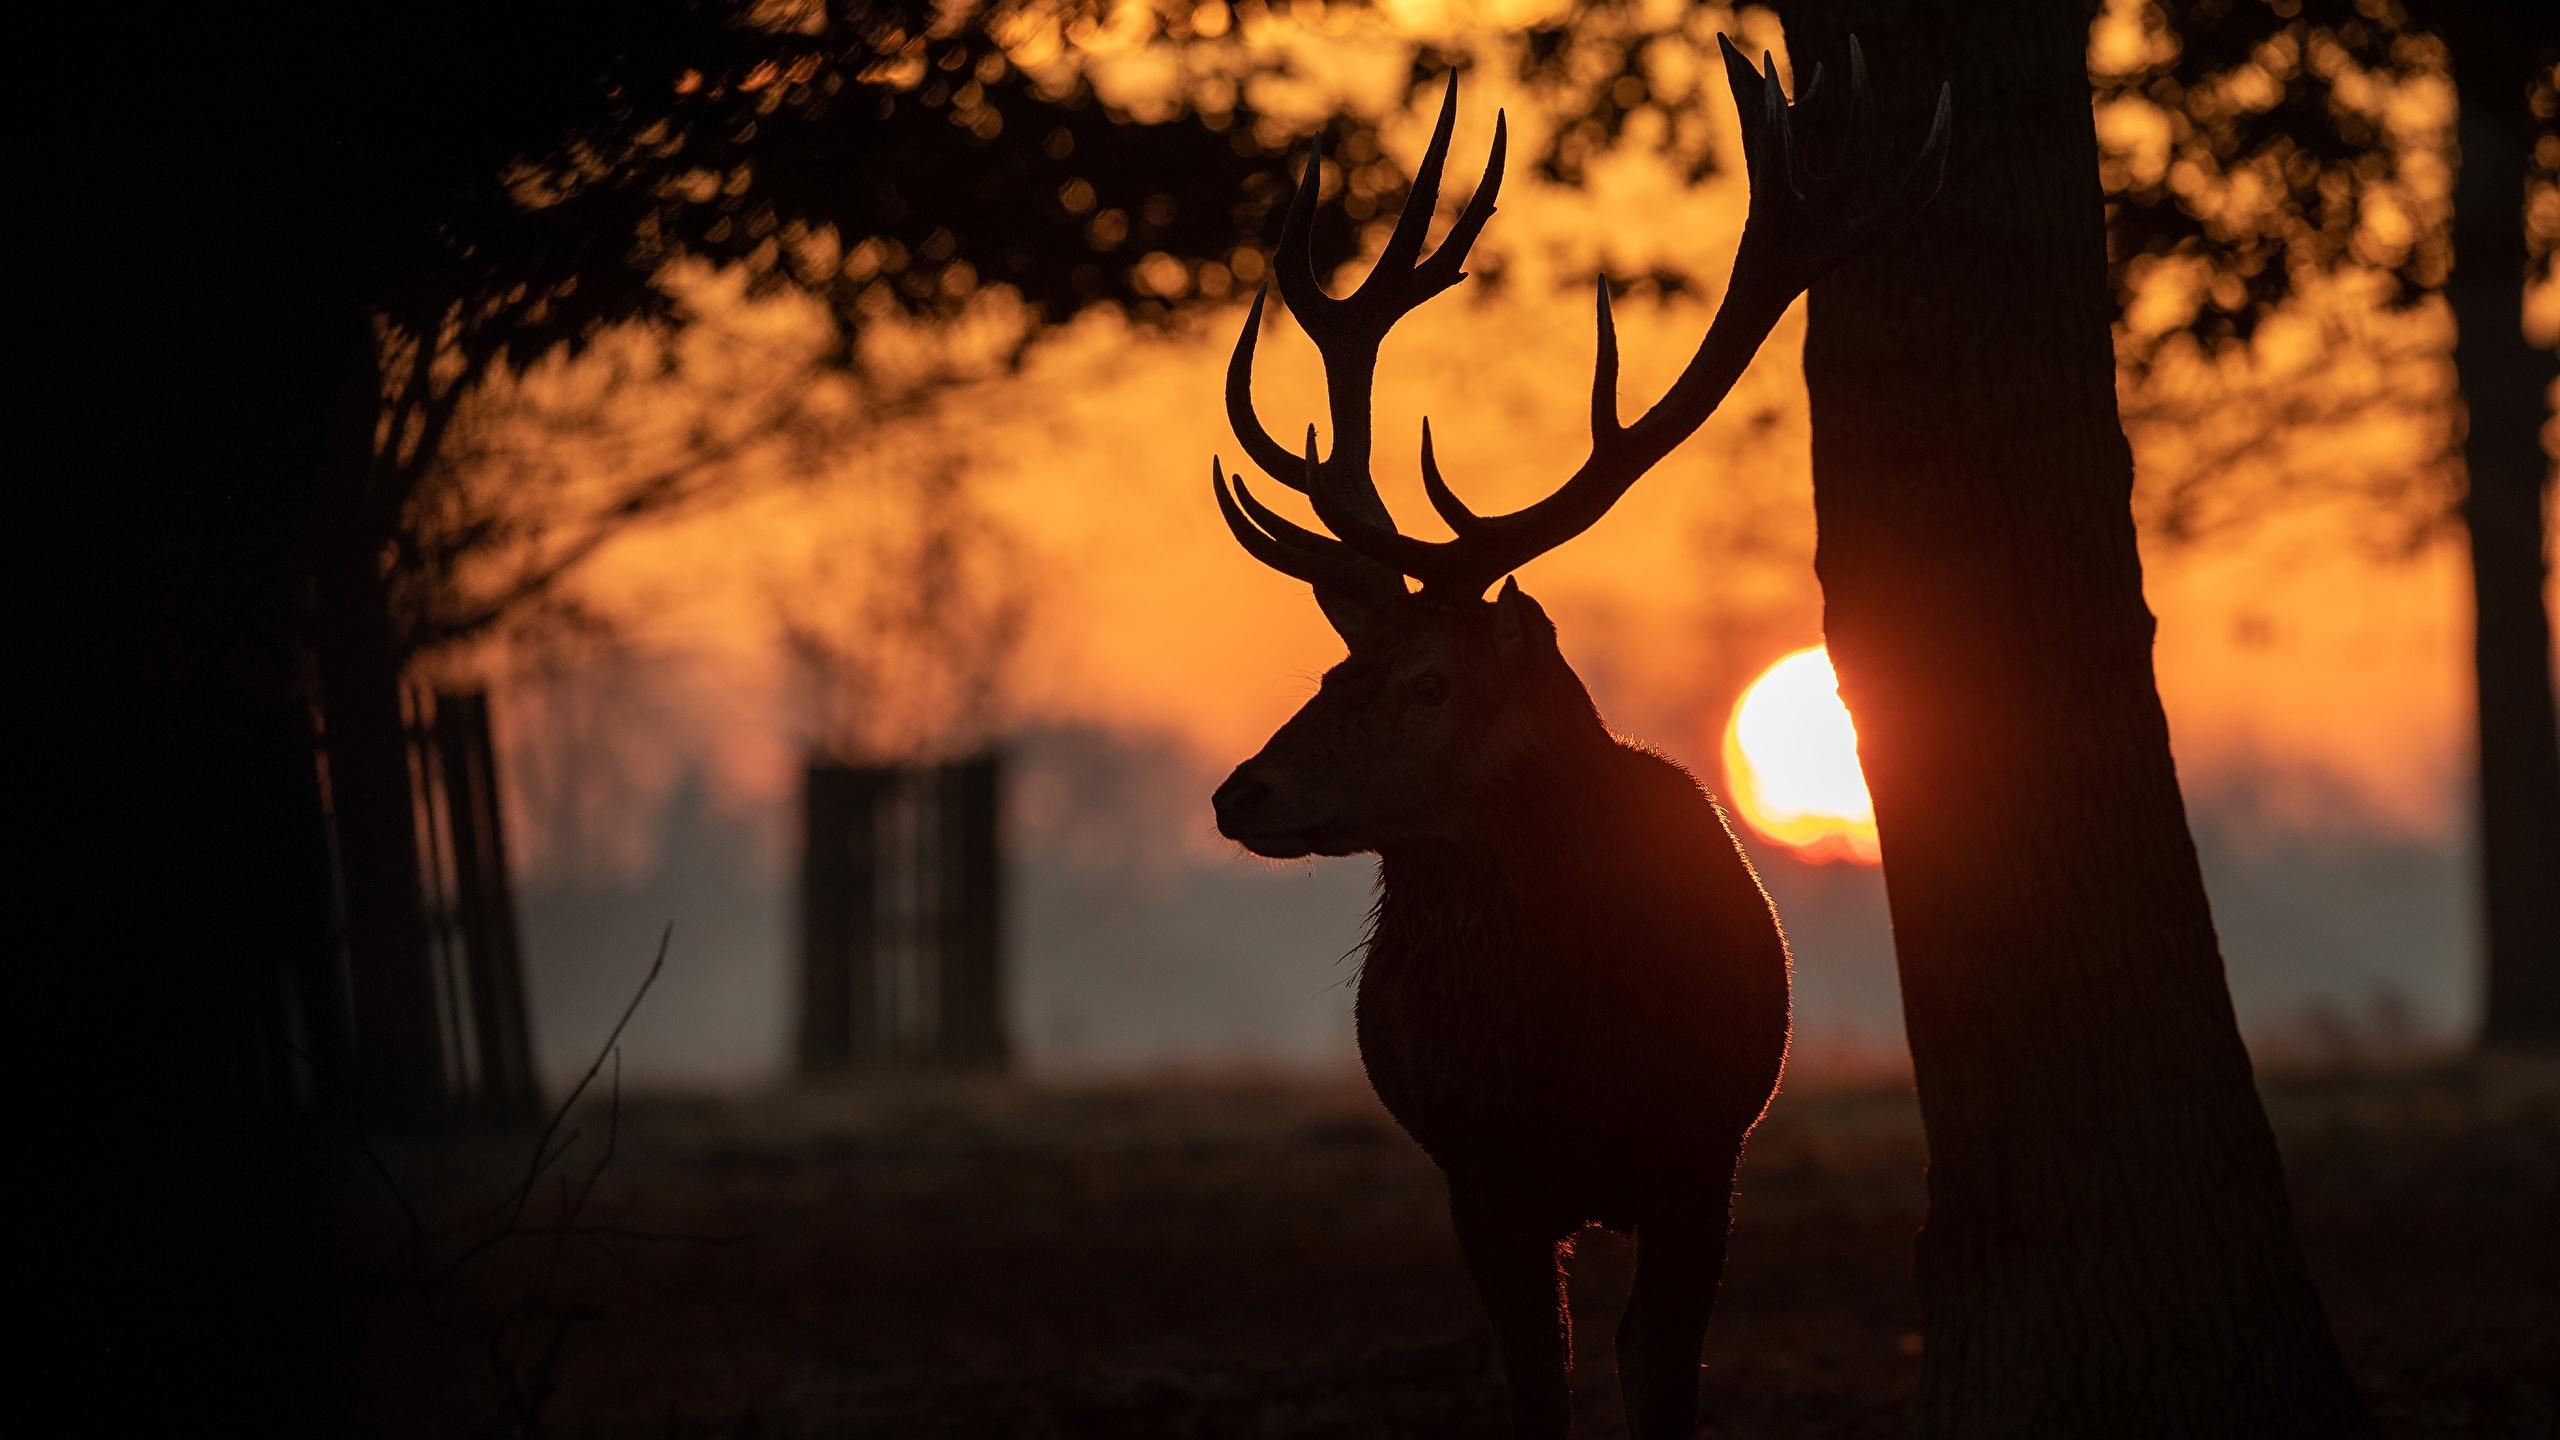 Картинка Олени Рога Силуэт Солнце рассвет и закат Животные 2560x1440 силуэты силуэта с рогами солнца Рассветы и закаты животное